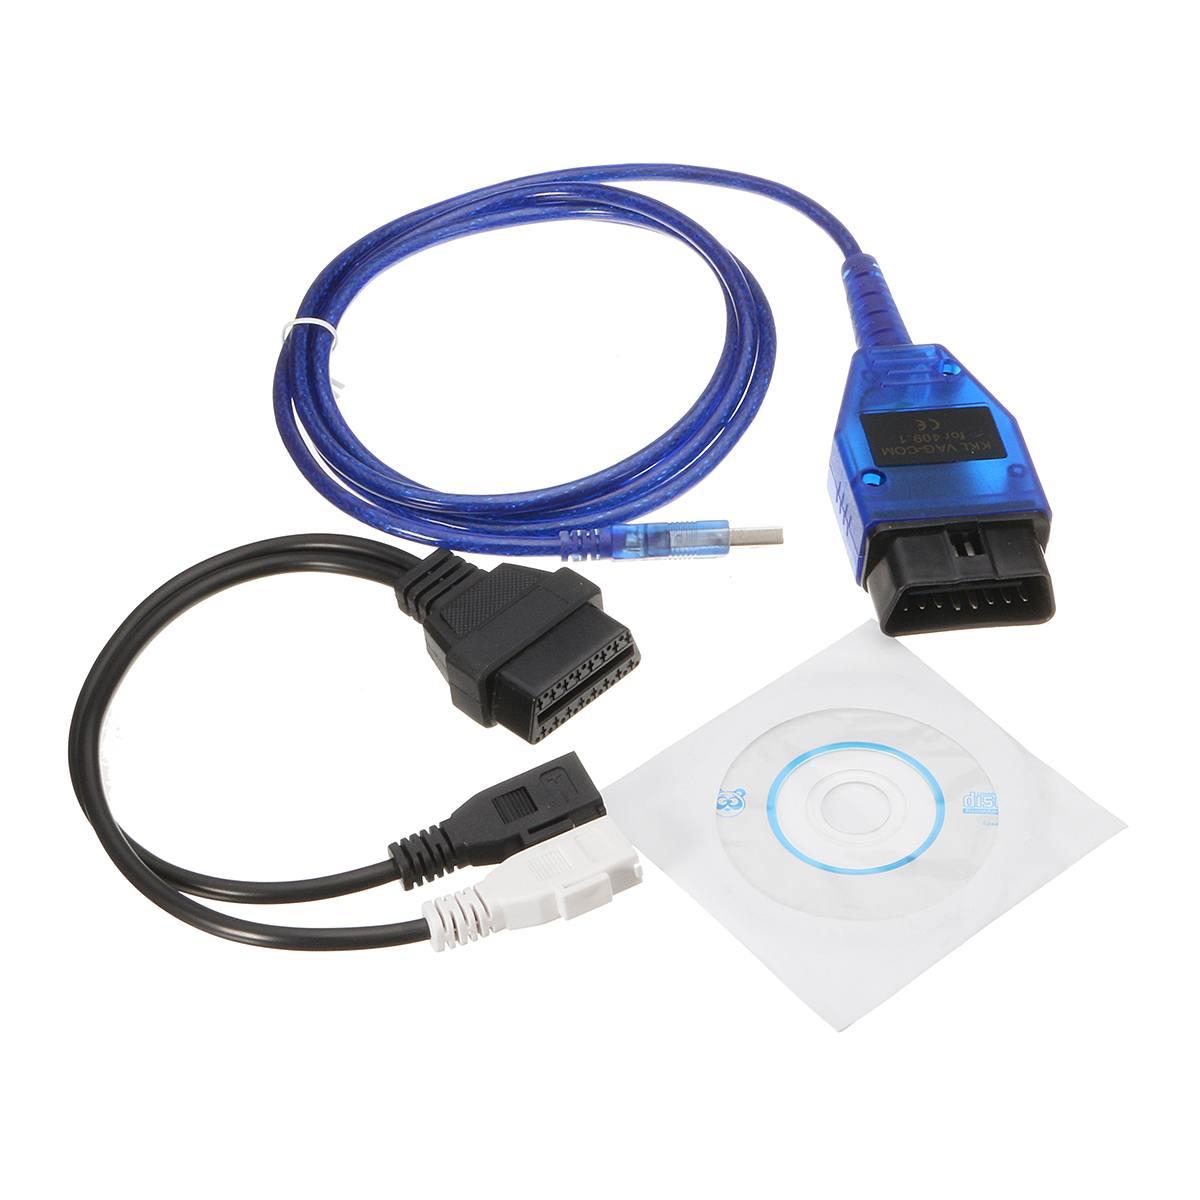 2018 VAG-COM KKL OBD2 USB Kabel FTDI FT232 Chip + 2x2 Adapter Kabel für VCDS Lite Scanner Scan tool Interface